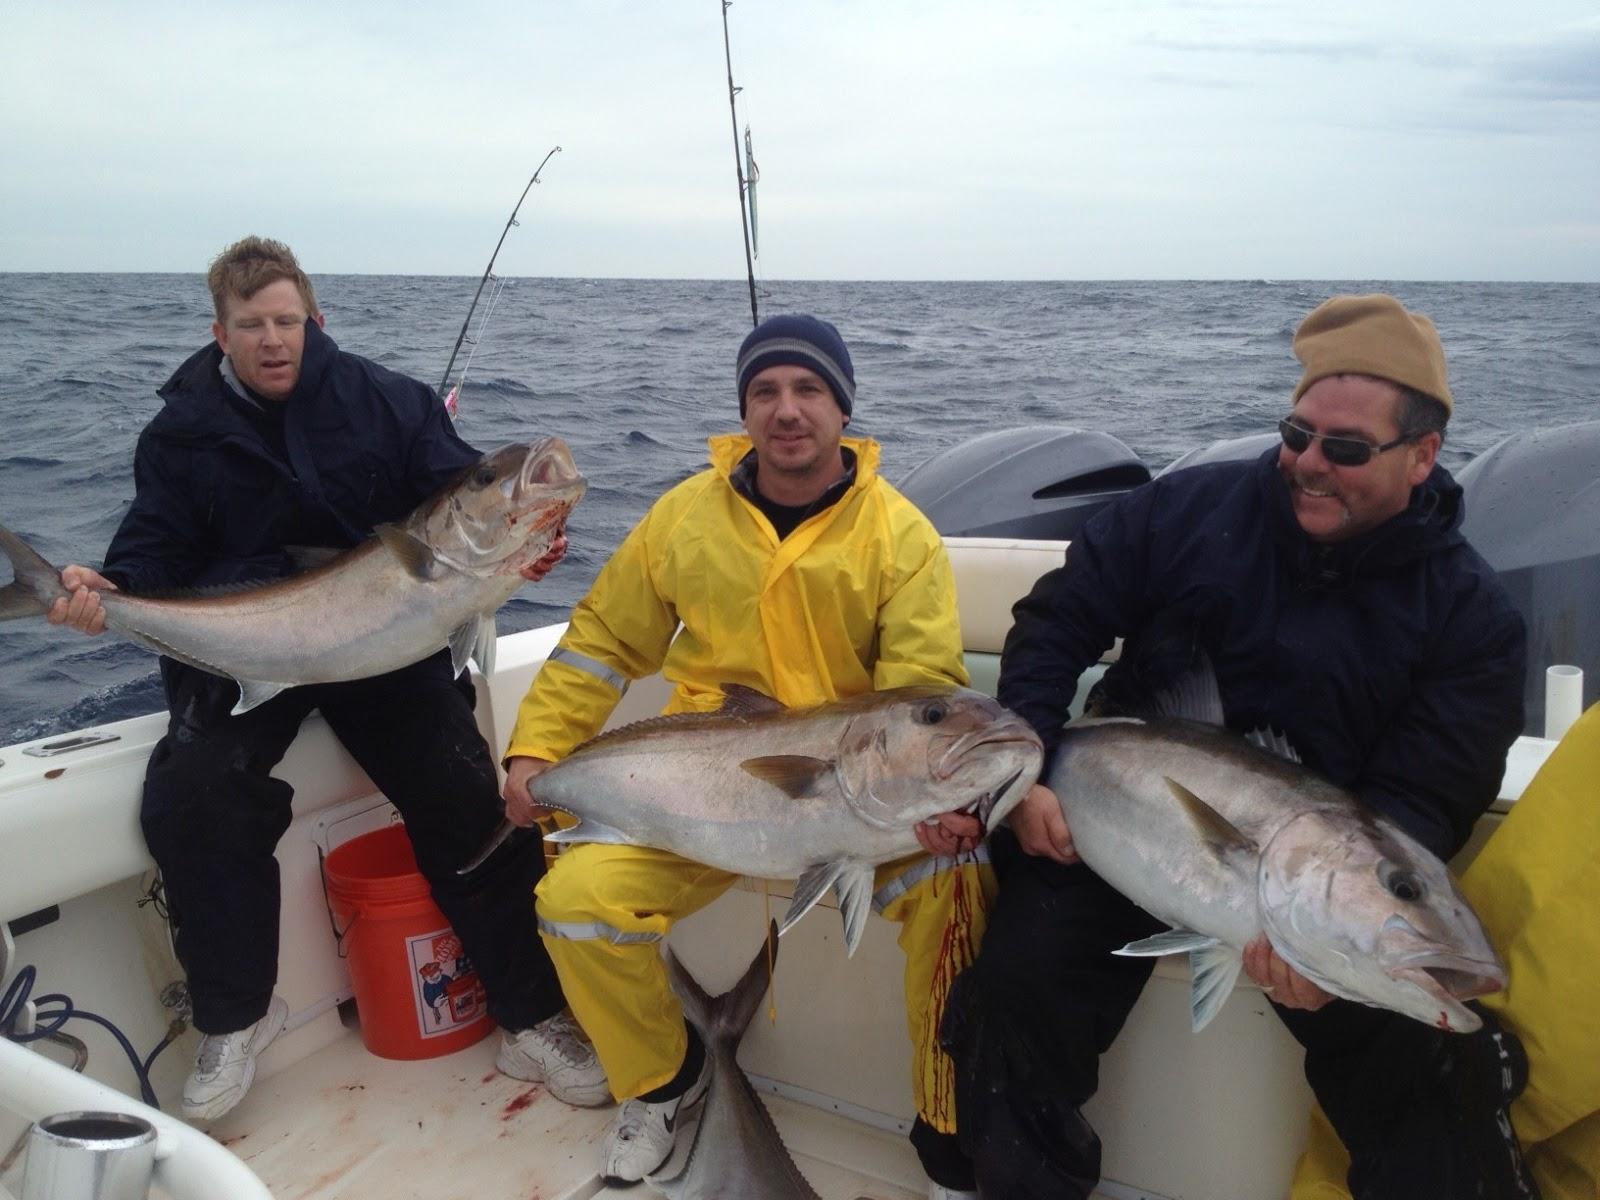 Venice la offshore tuna fishing reports january 2013 for Venice la fishing report